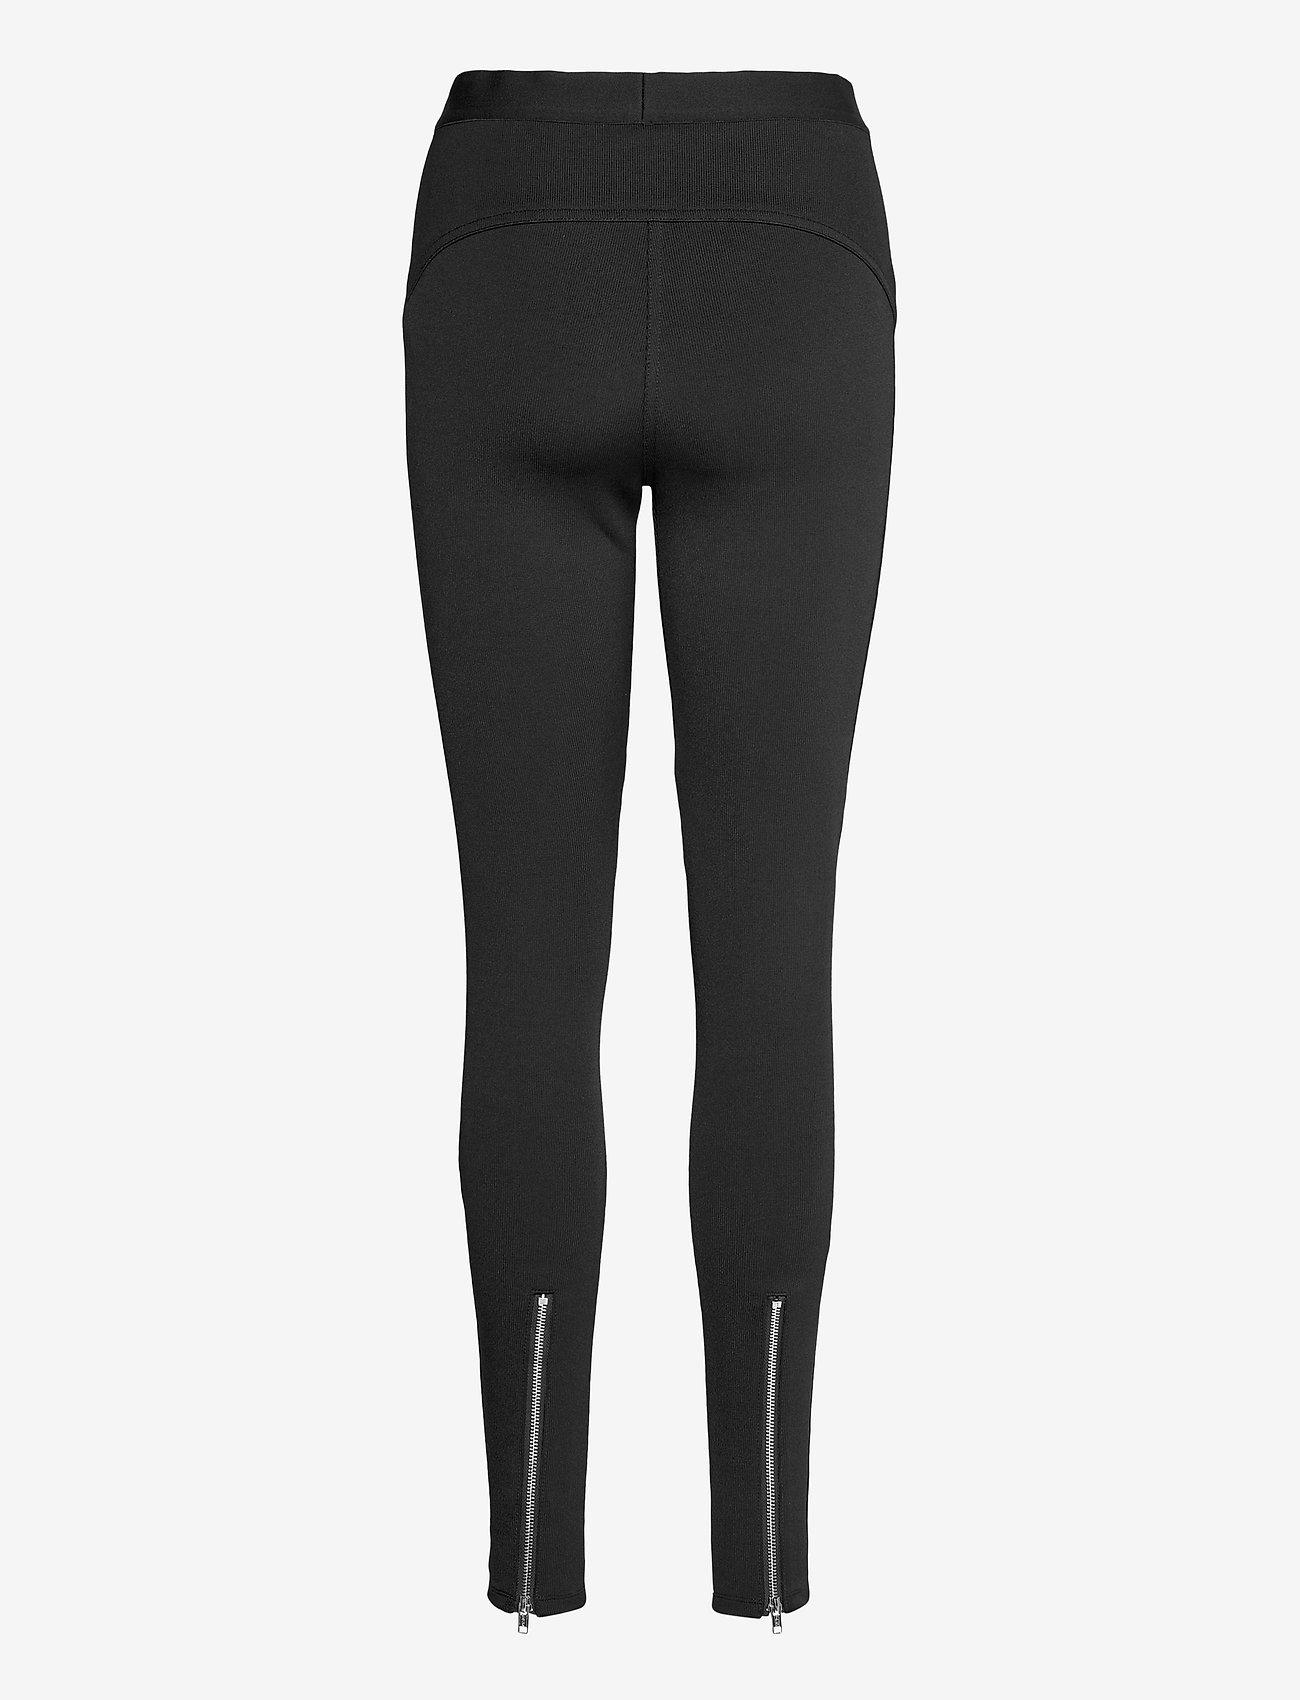 3.1 Phillip Lim - NOVELTY JERSEY LEGGINGS - leggings - black - 1